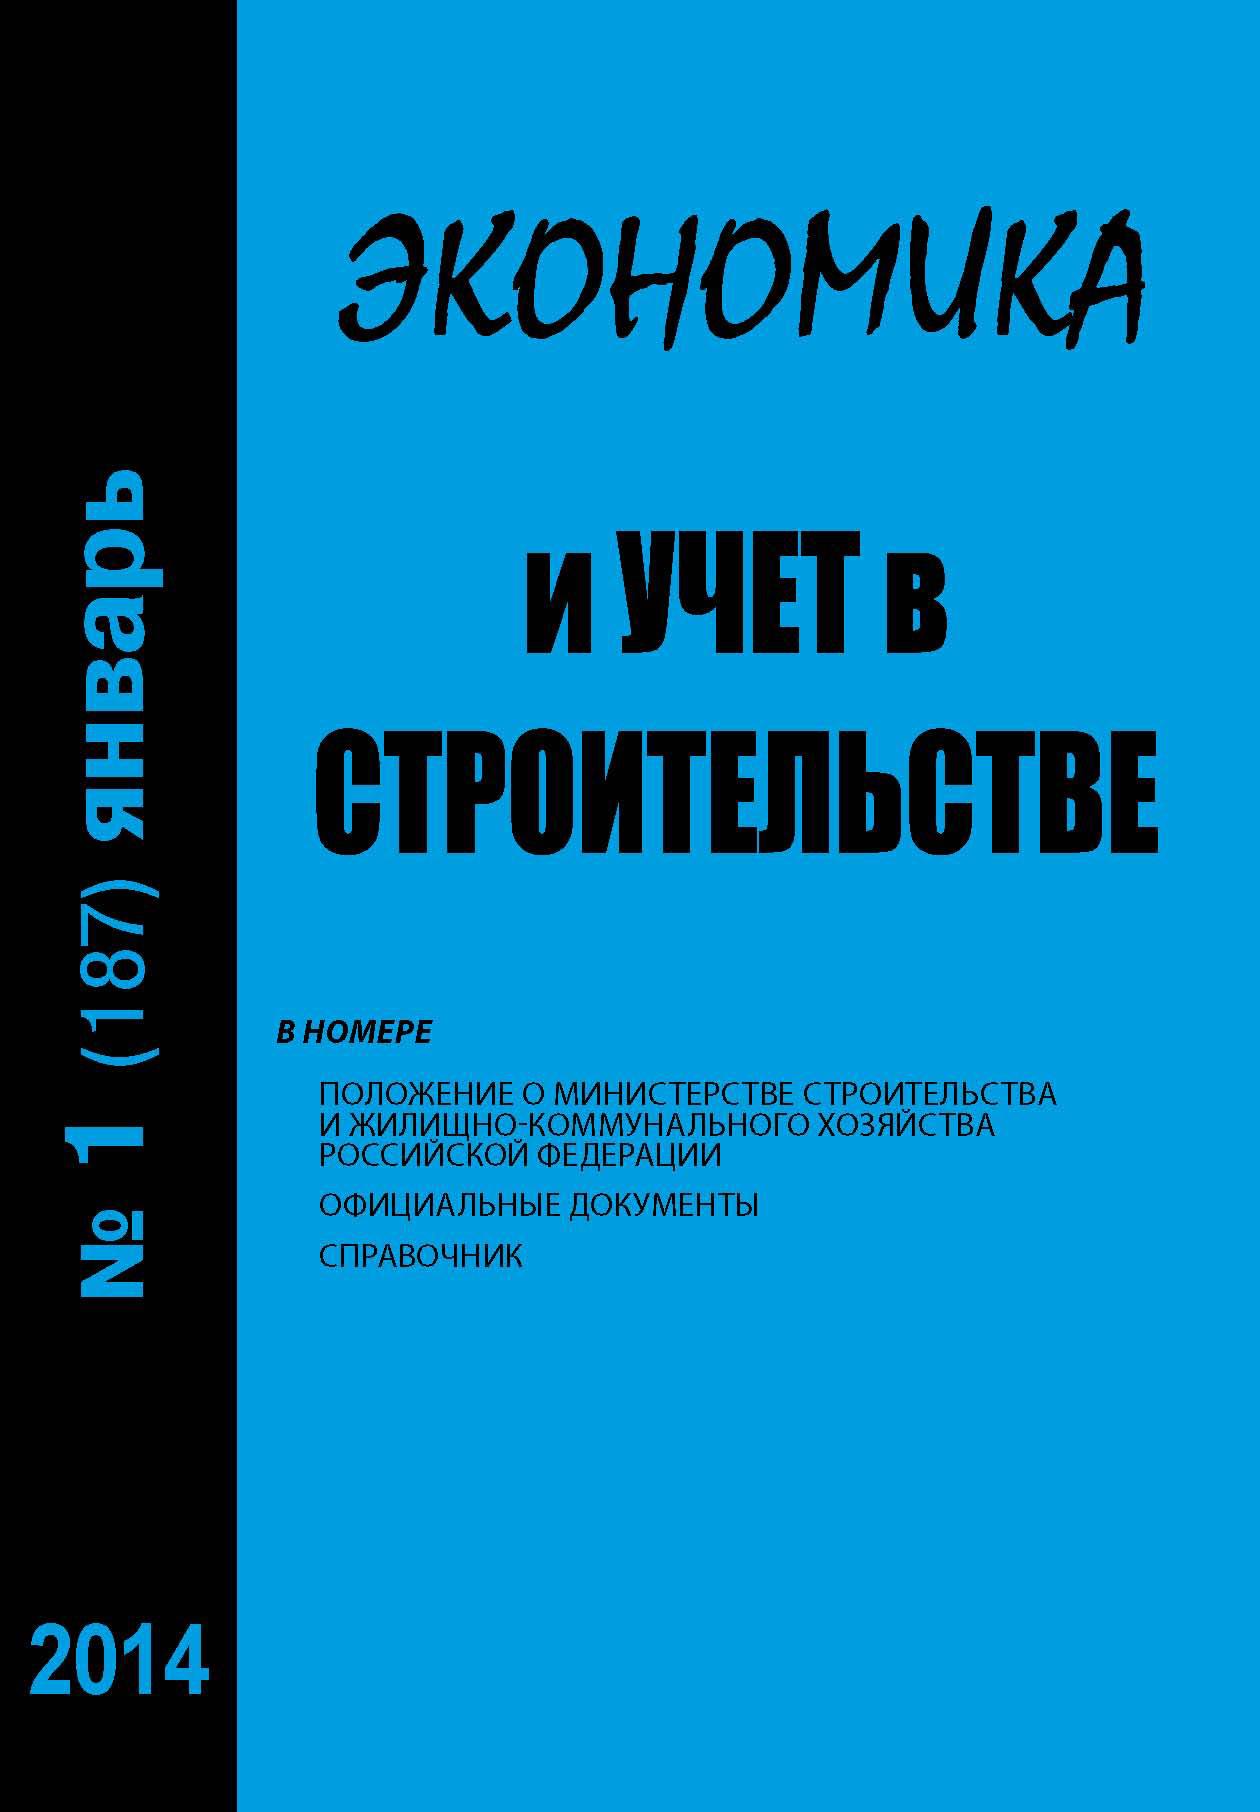 Экономика и учет в строительстве №1 (187) 2014